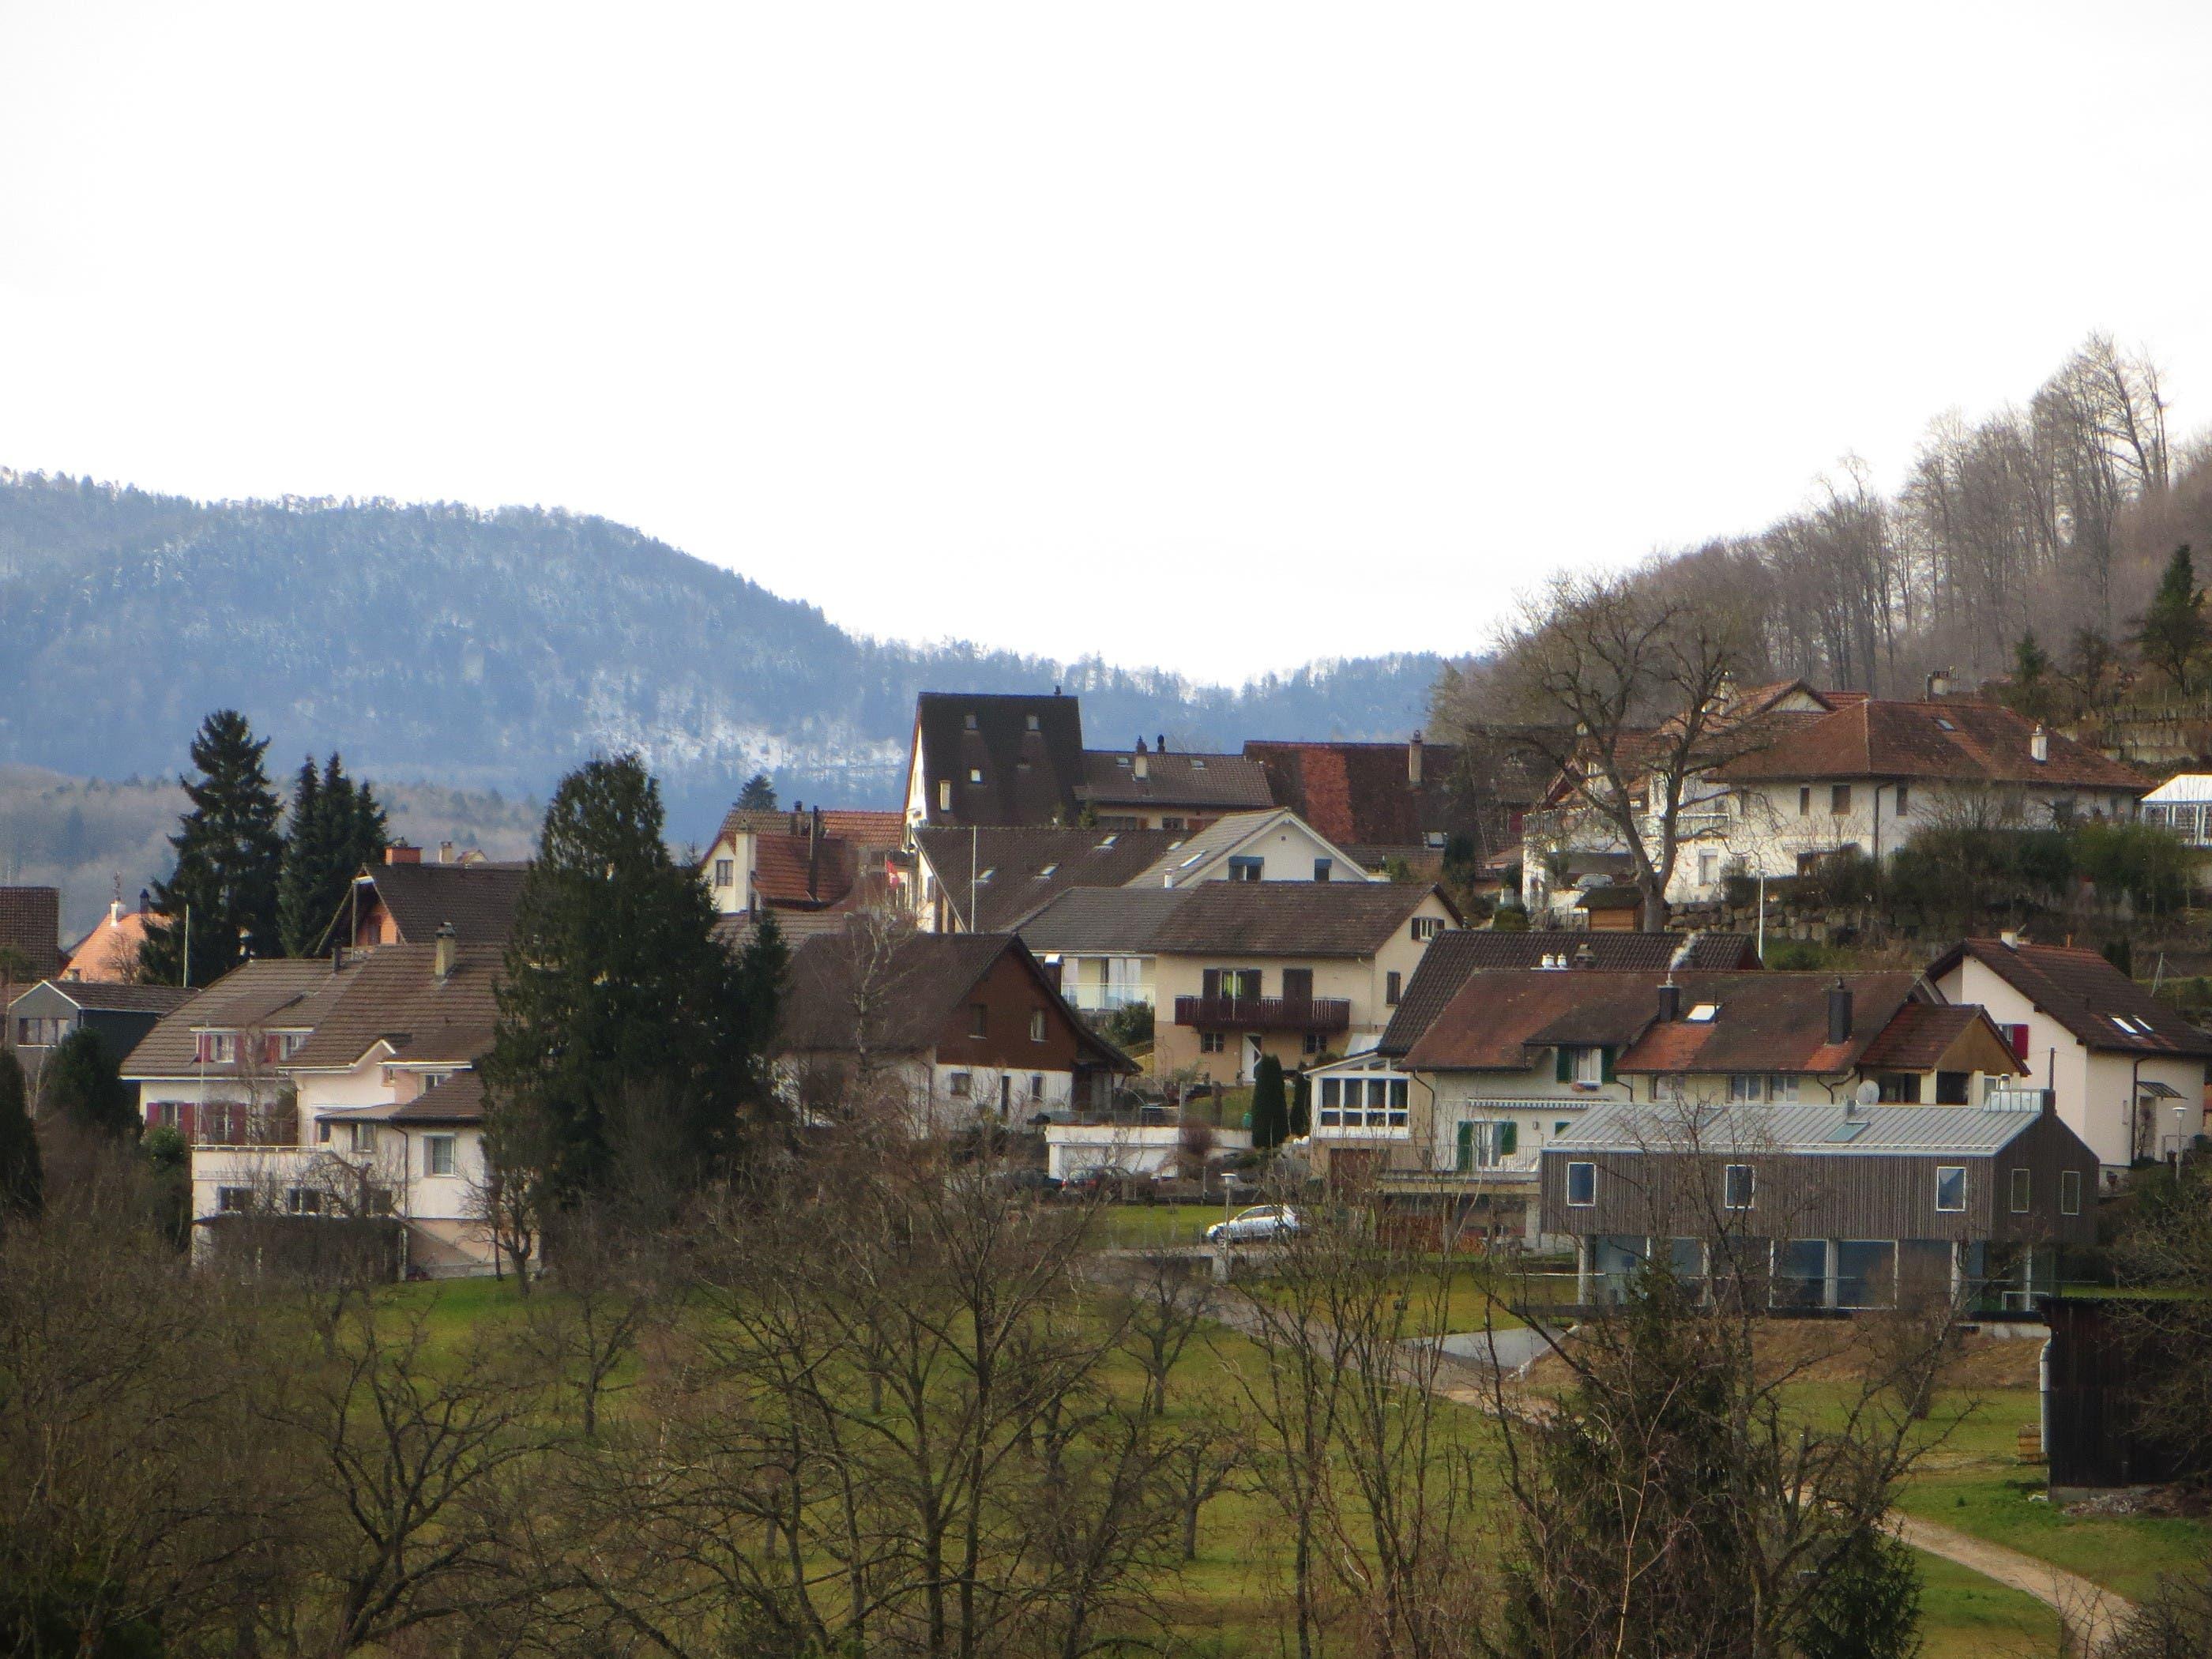 IMG_0495.JPG Nuglar im Schwarzbubenland, Von Nugar geht die Wanderung dann via Sichtern und Munzach nach Frenkendorf